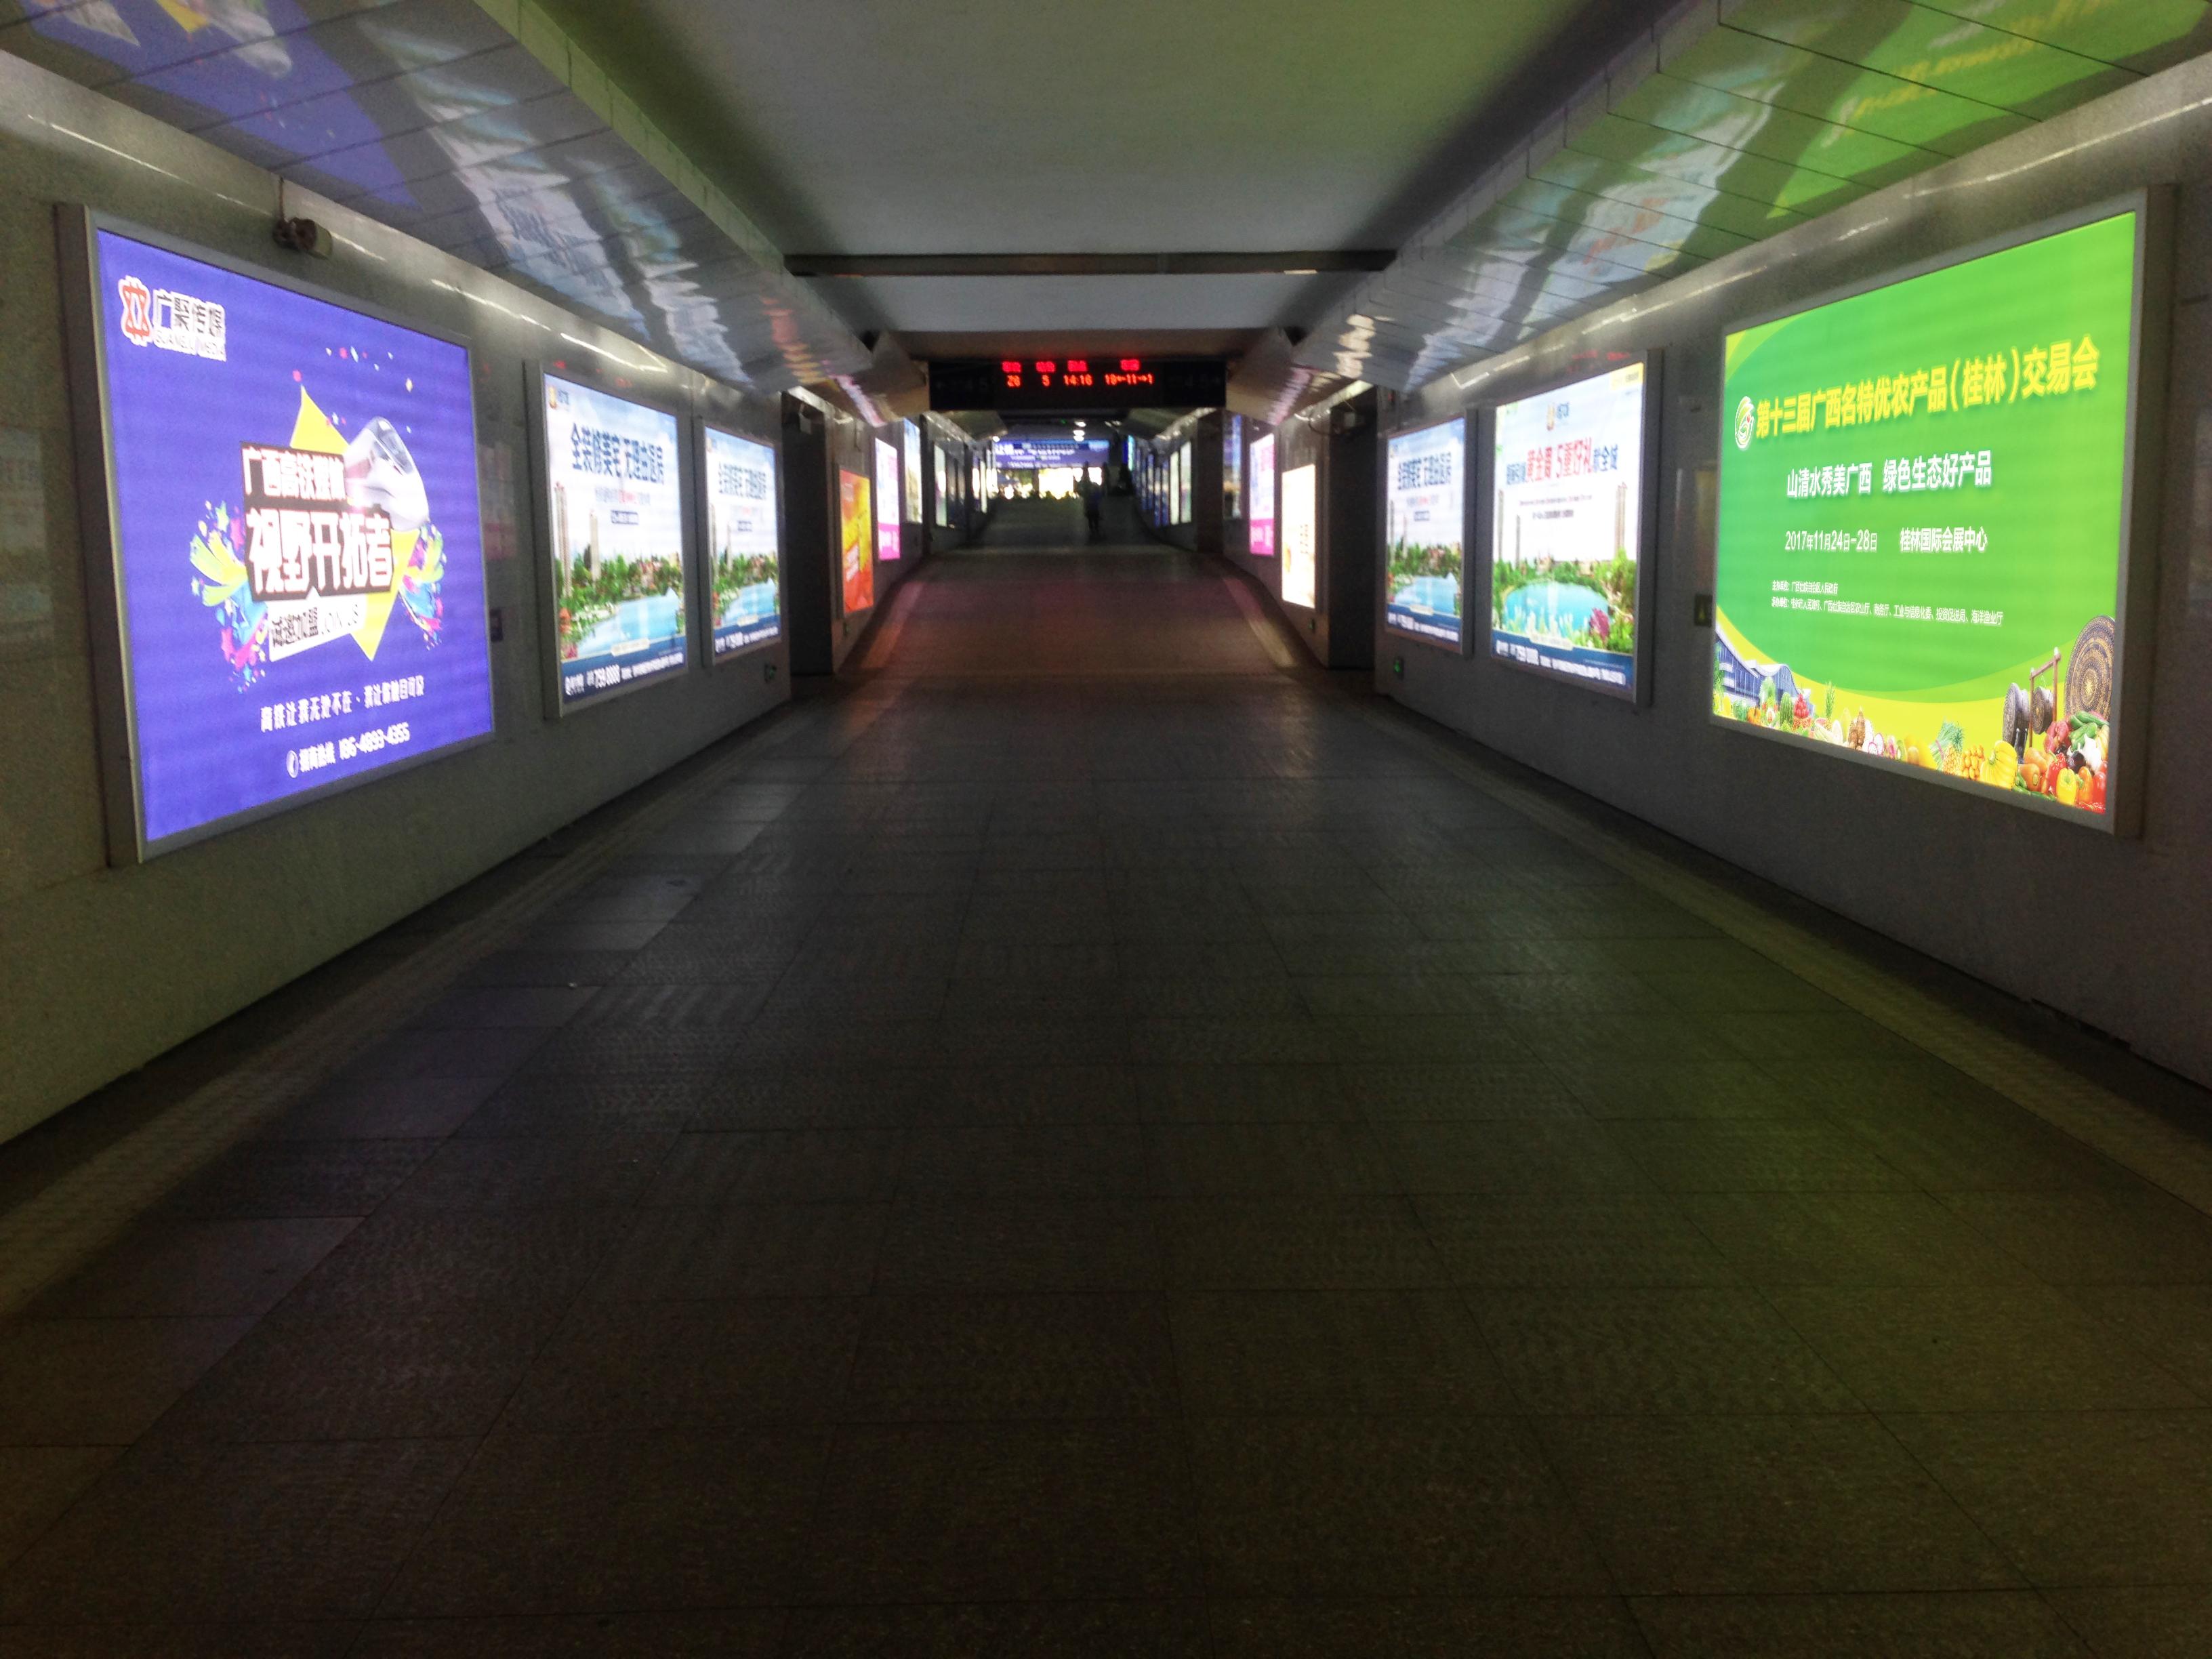 广西桂林市桂林站地下通道灯箱媒体广告位